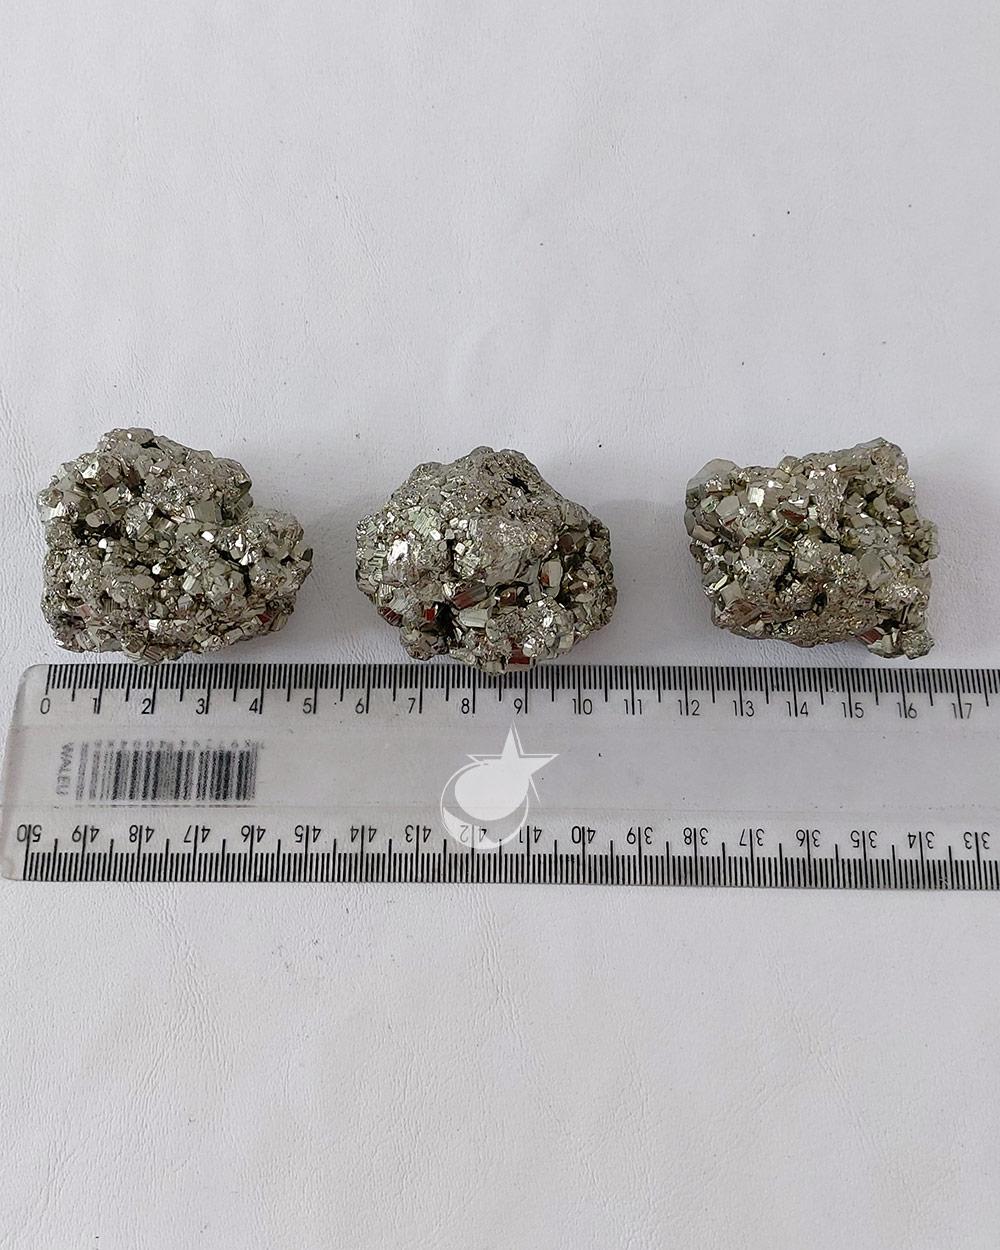 PIRITA BRUTA - UNIDADE - 4,5 A 5 cm ( 114 a 133g)